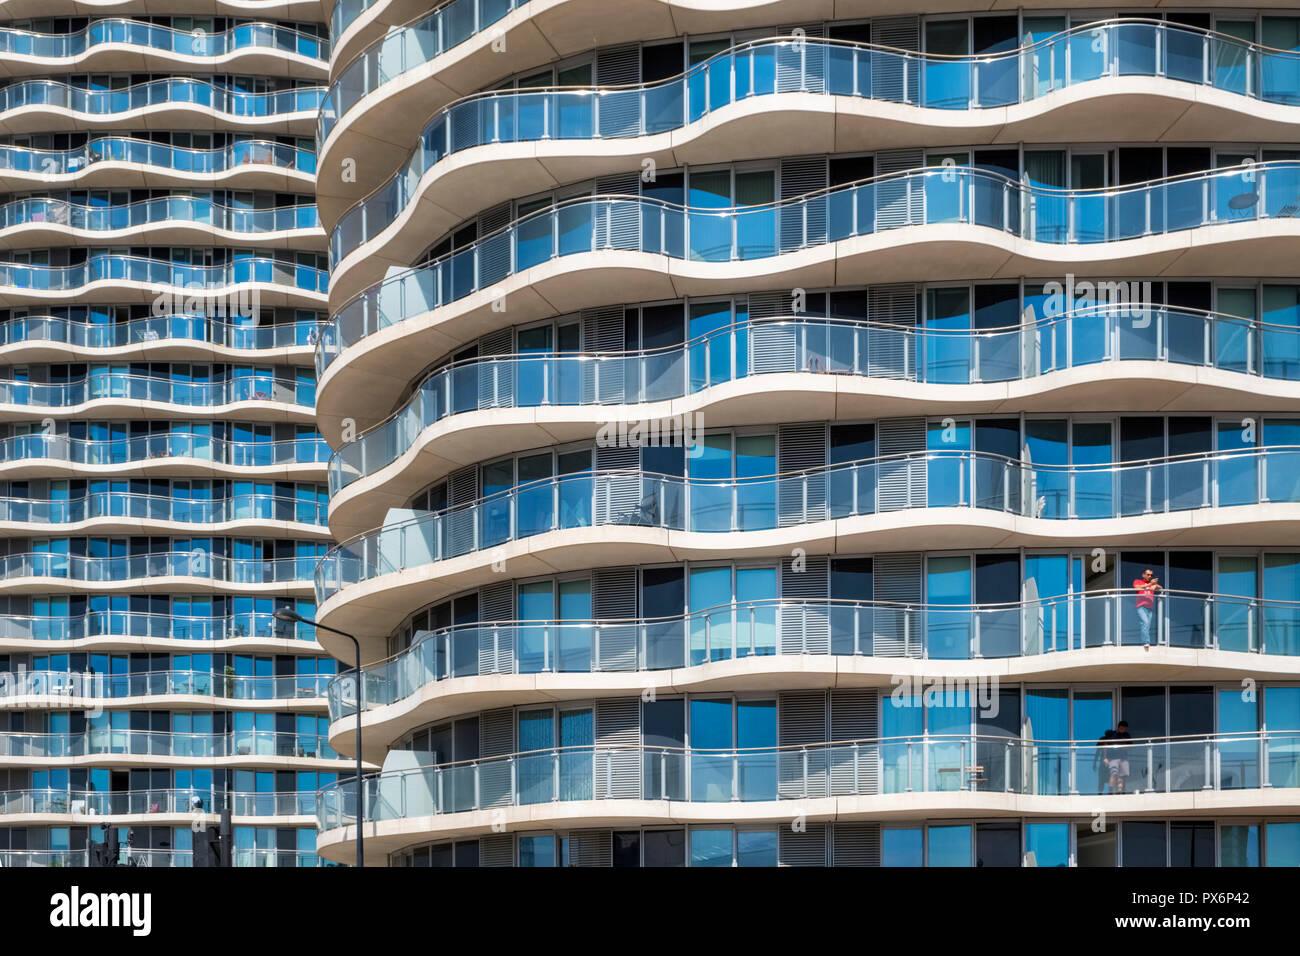 Détail de des tours d'habitation au Royal Victoria Dock, London, England, UK, l'architecture moderne Photo Stock